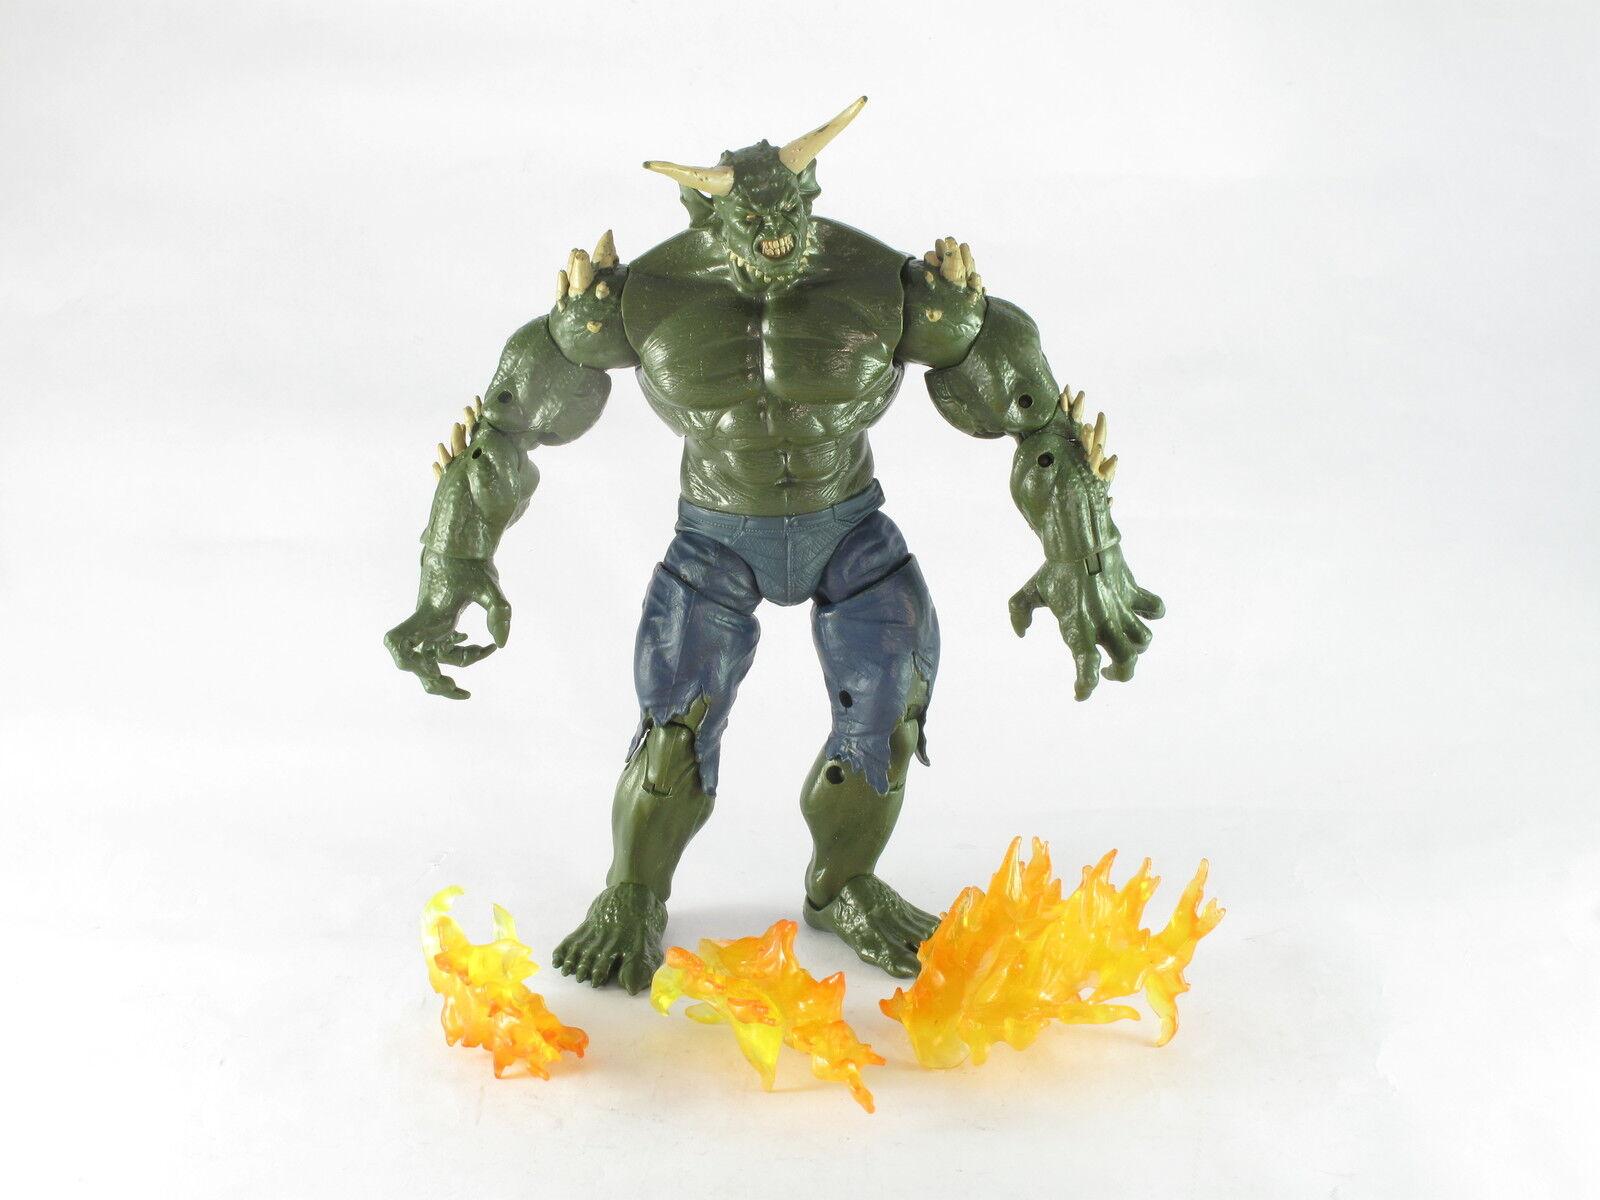 Marvel Legends Green Goblin BAF Action Figure Complete V2